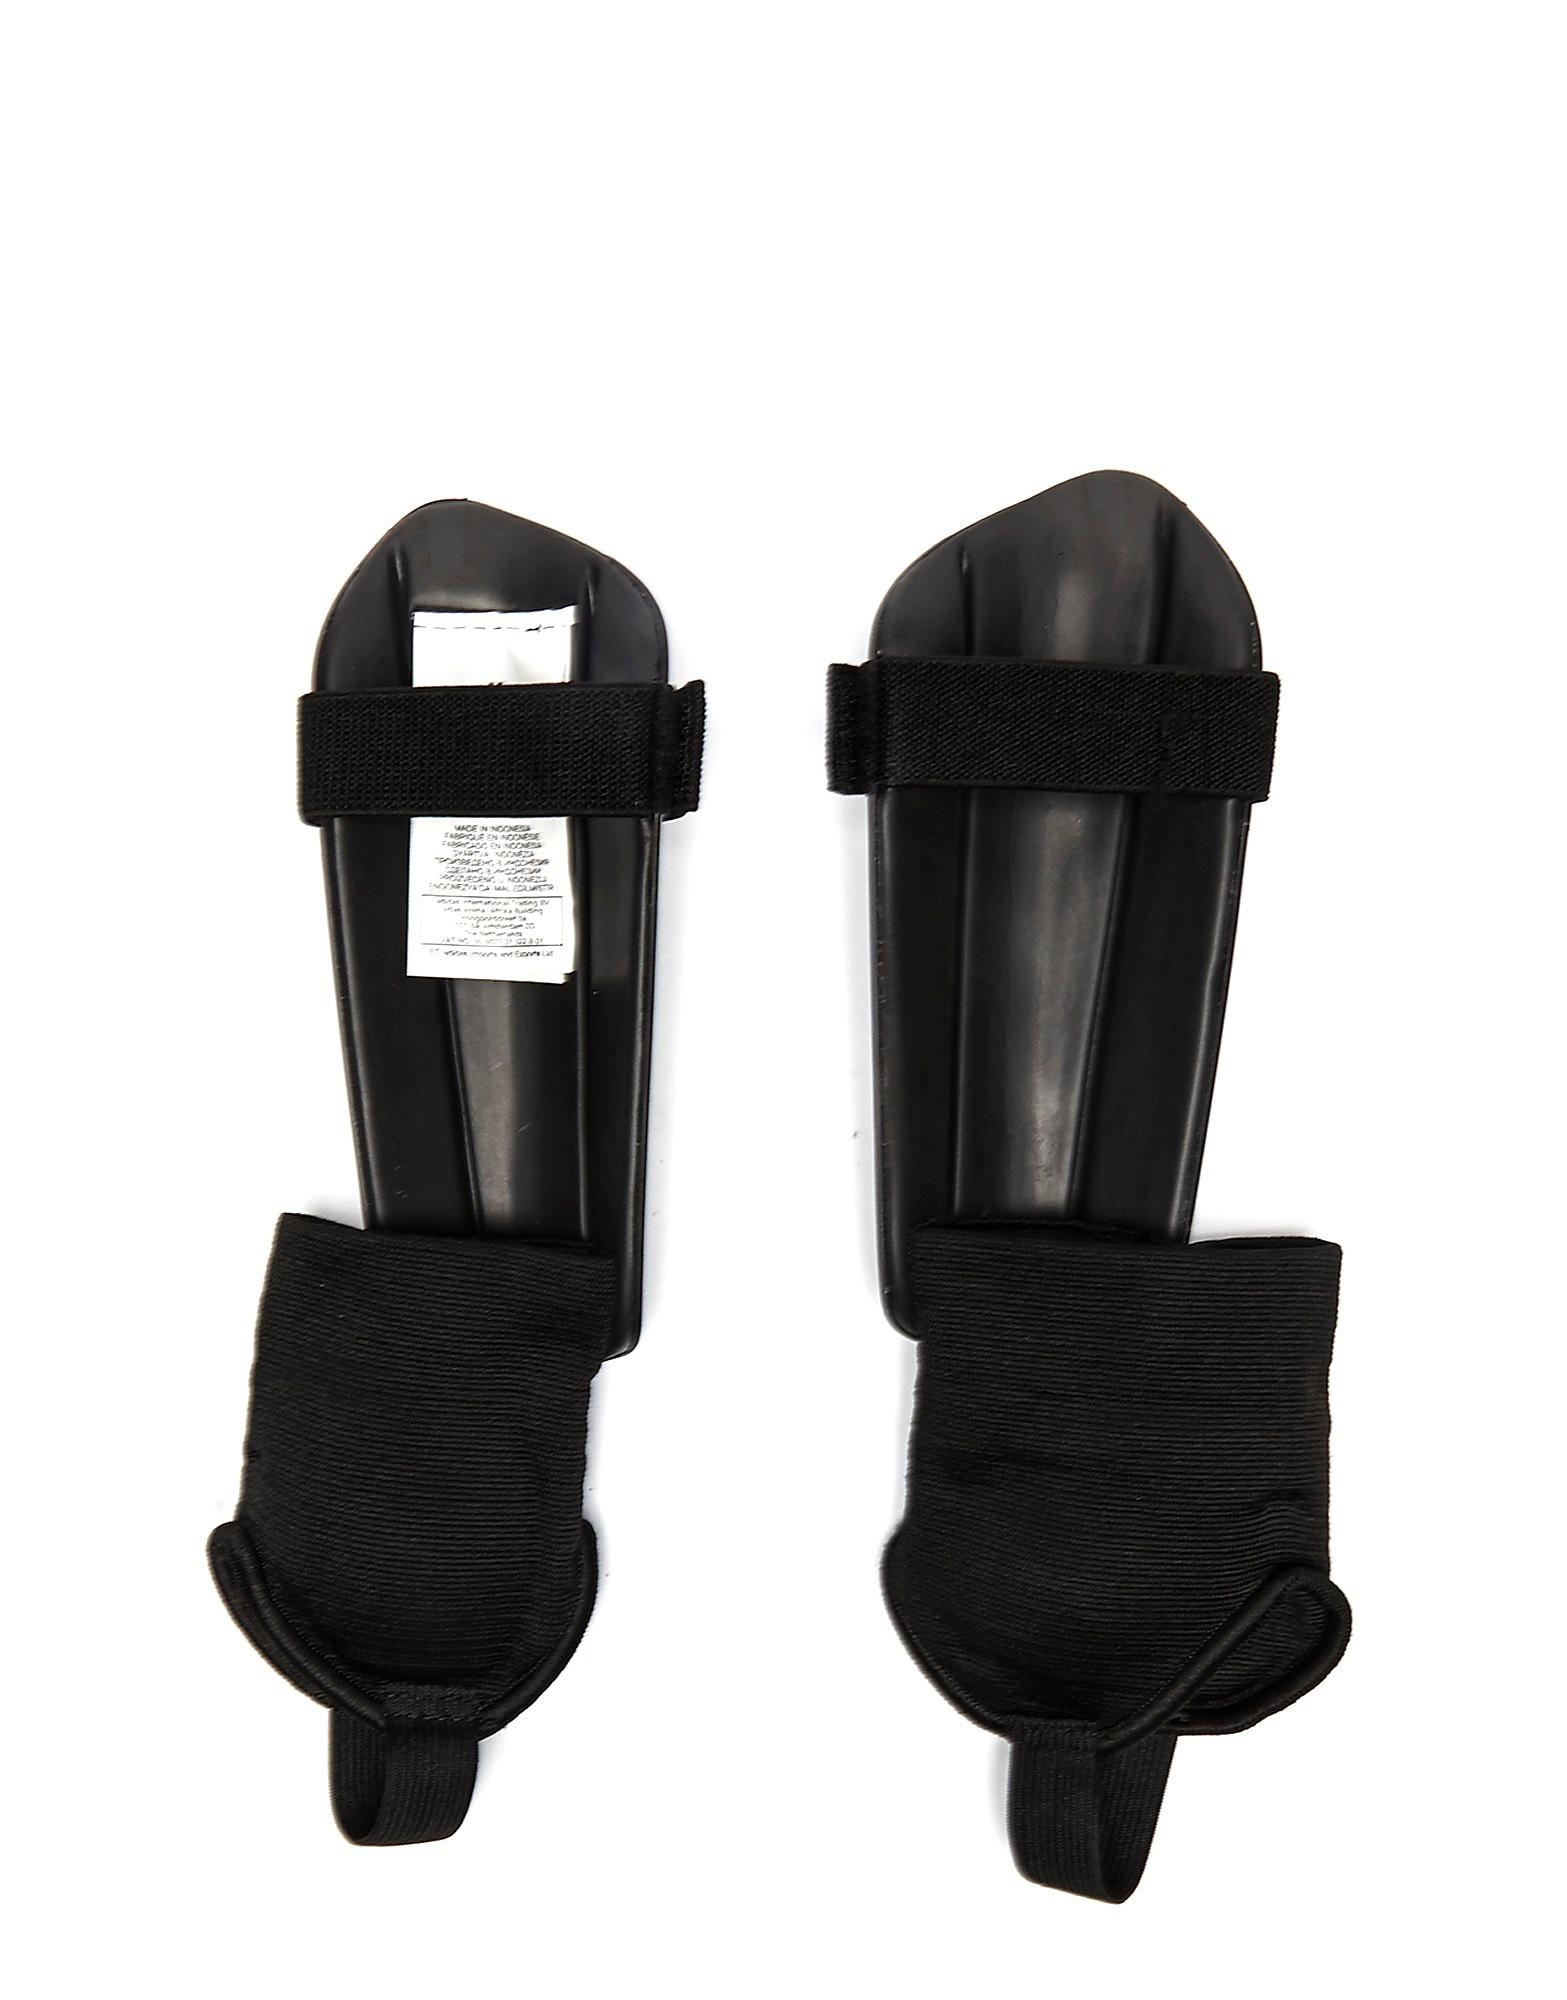 adidas Ghost Reflex Shin Guards